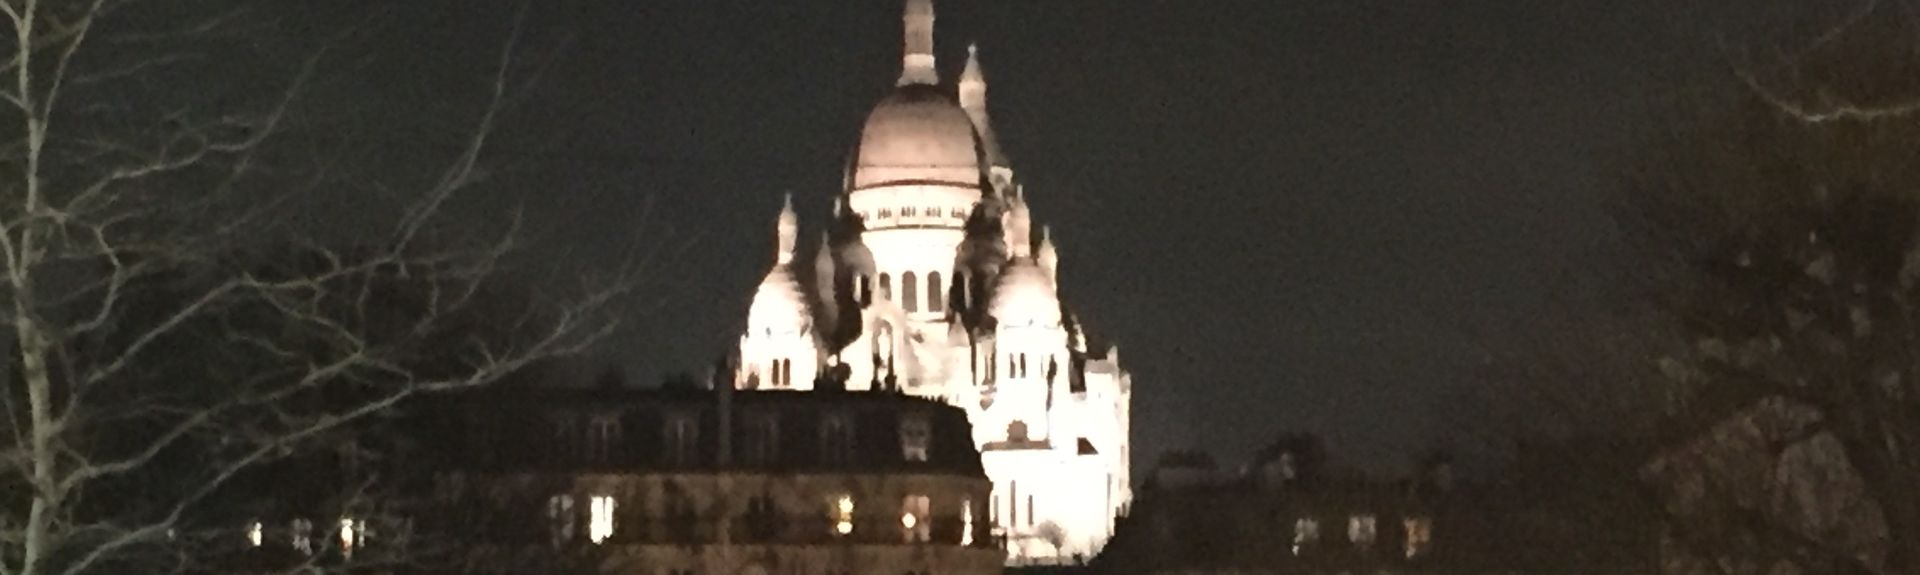 Faubourg-Montmartre, Παρίσι, Ιλ ντε Φρανς, Γαλλία